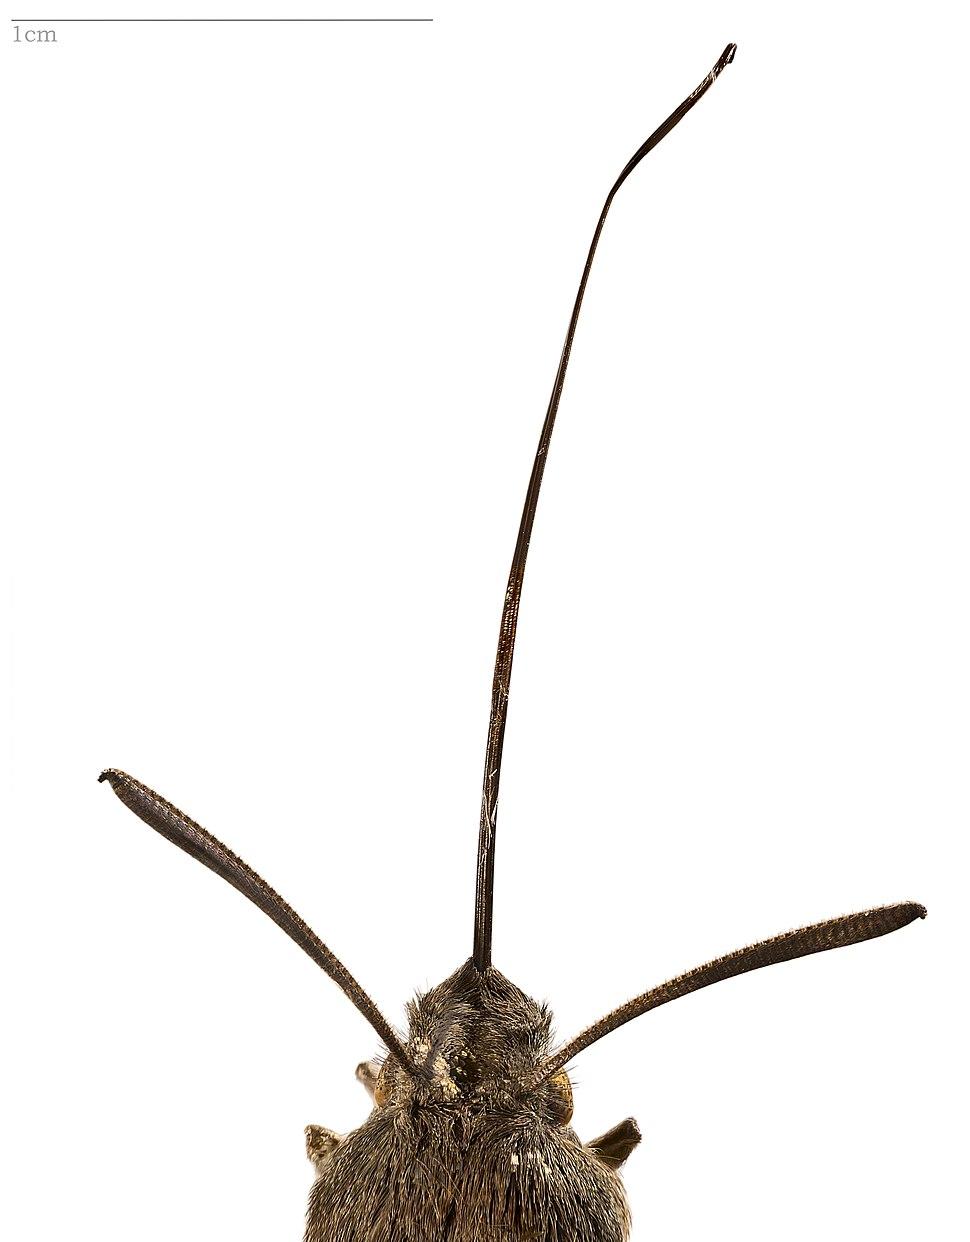 Macroglossum stellatarum anatomy - MHNT